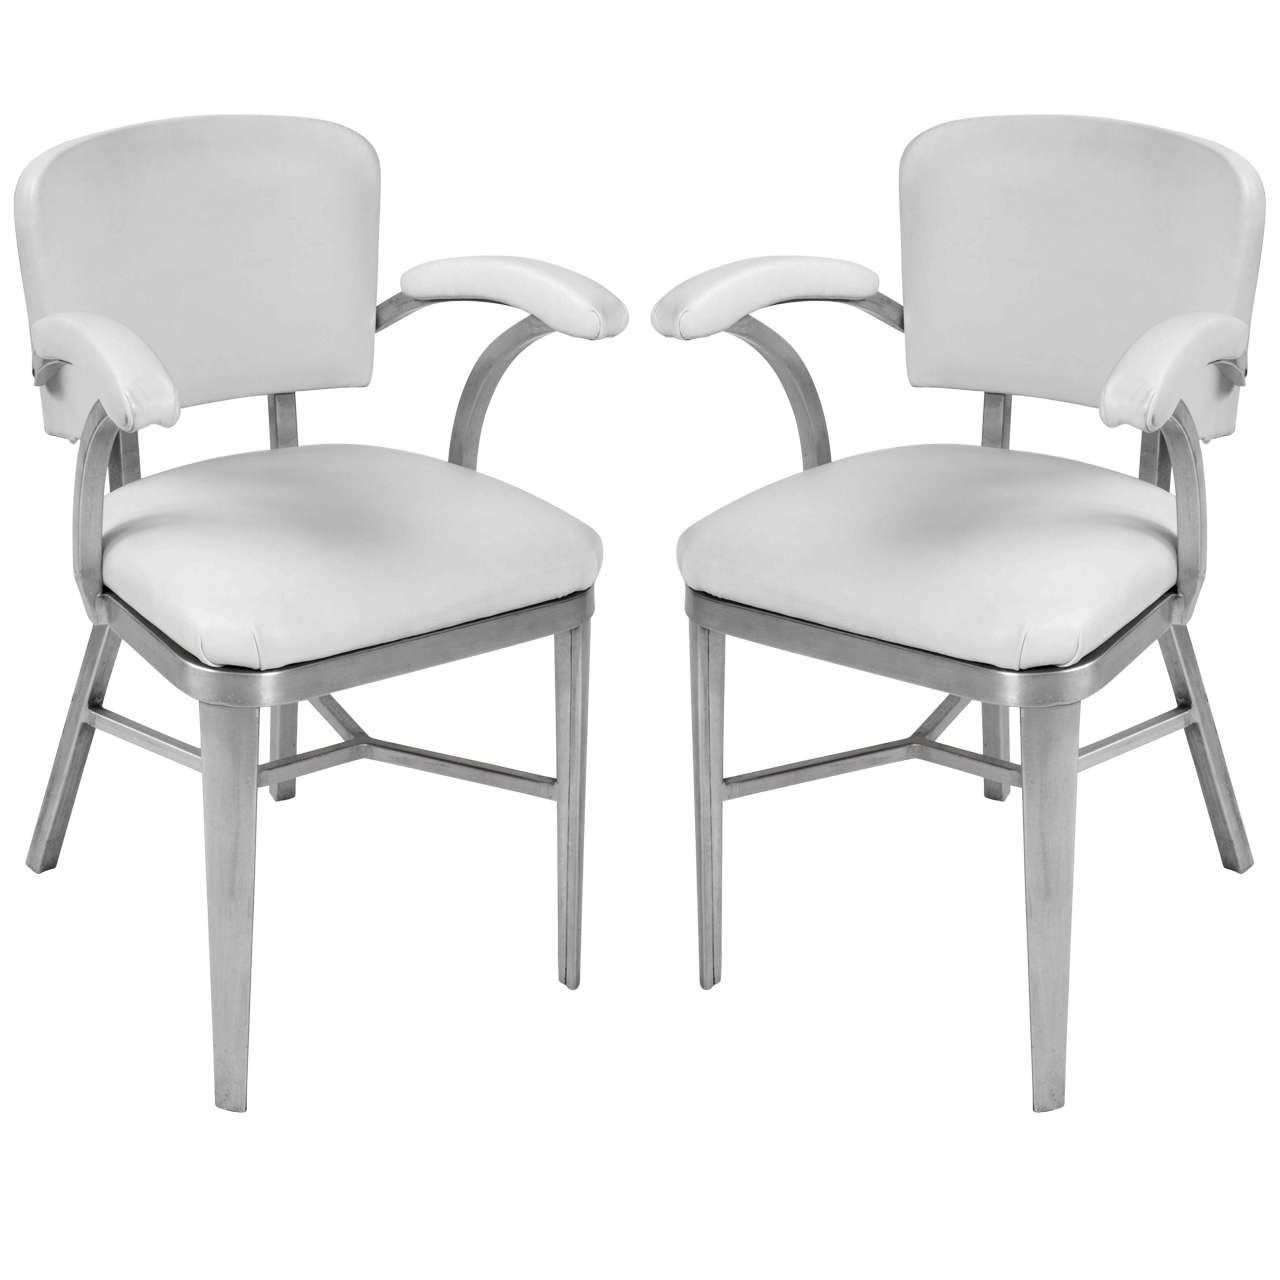 francesca bolsi antique design coppia di sedie con